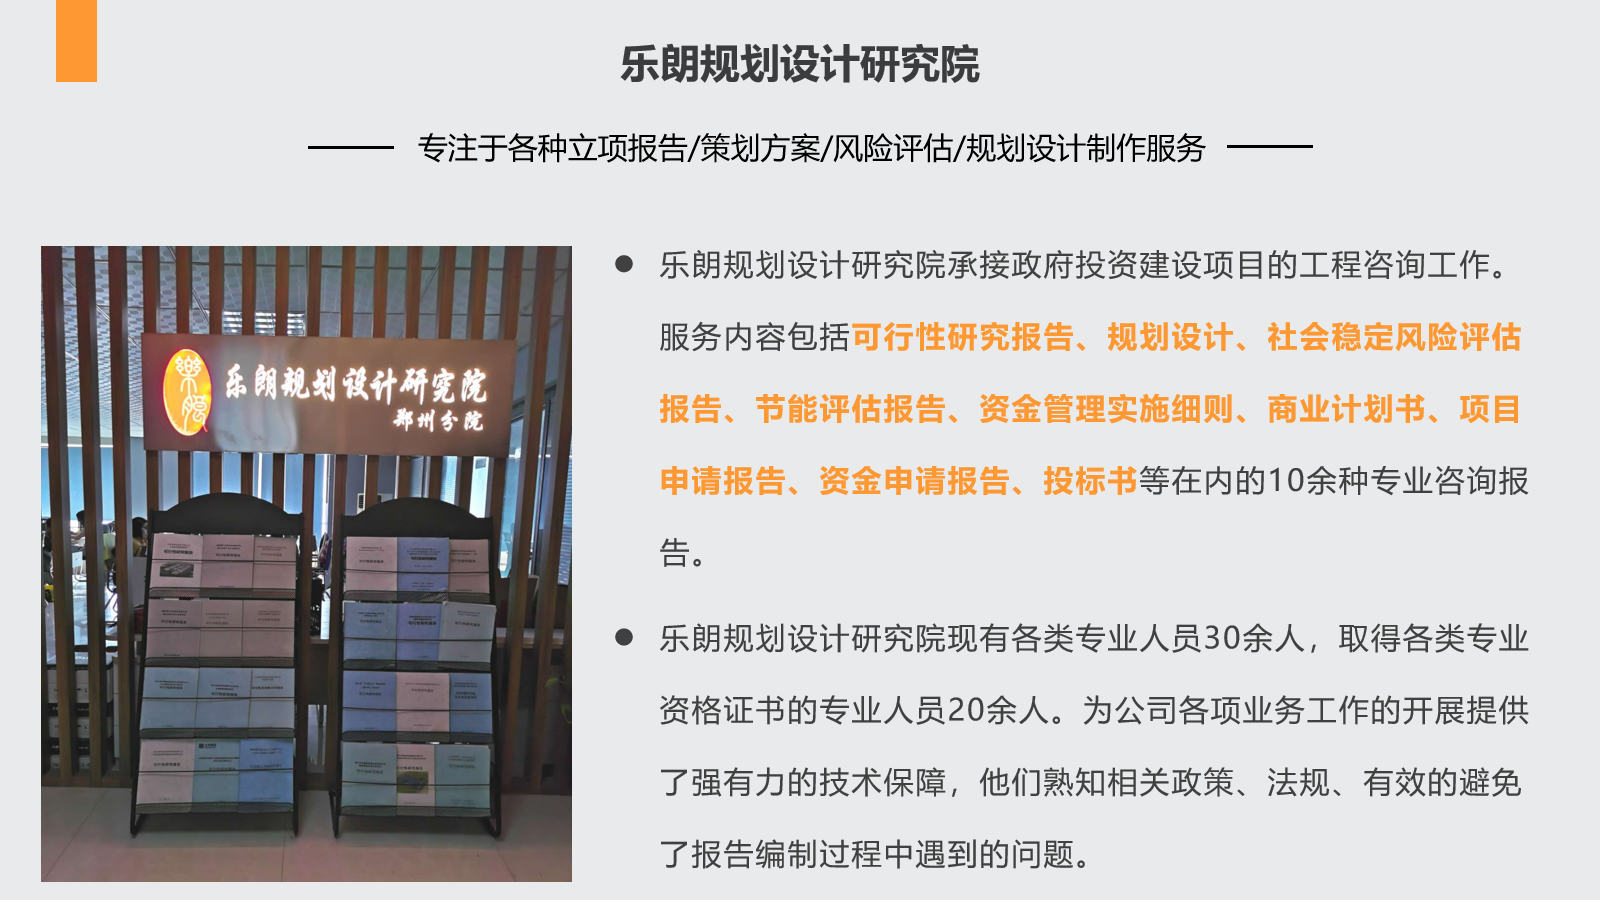 齐齐哈尔写申请资金报告的公司(旅游项目)